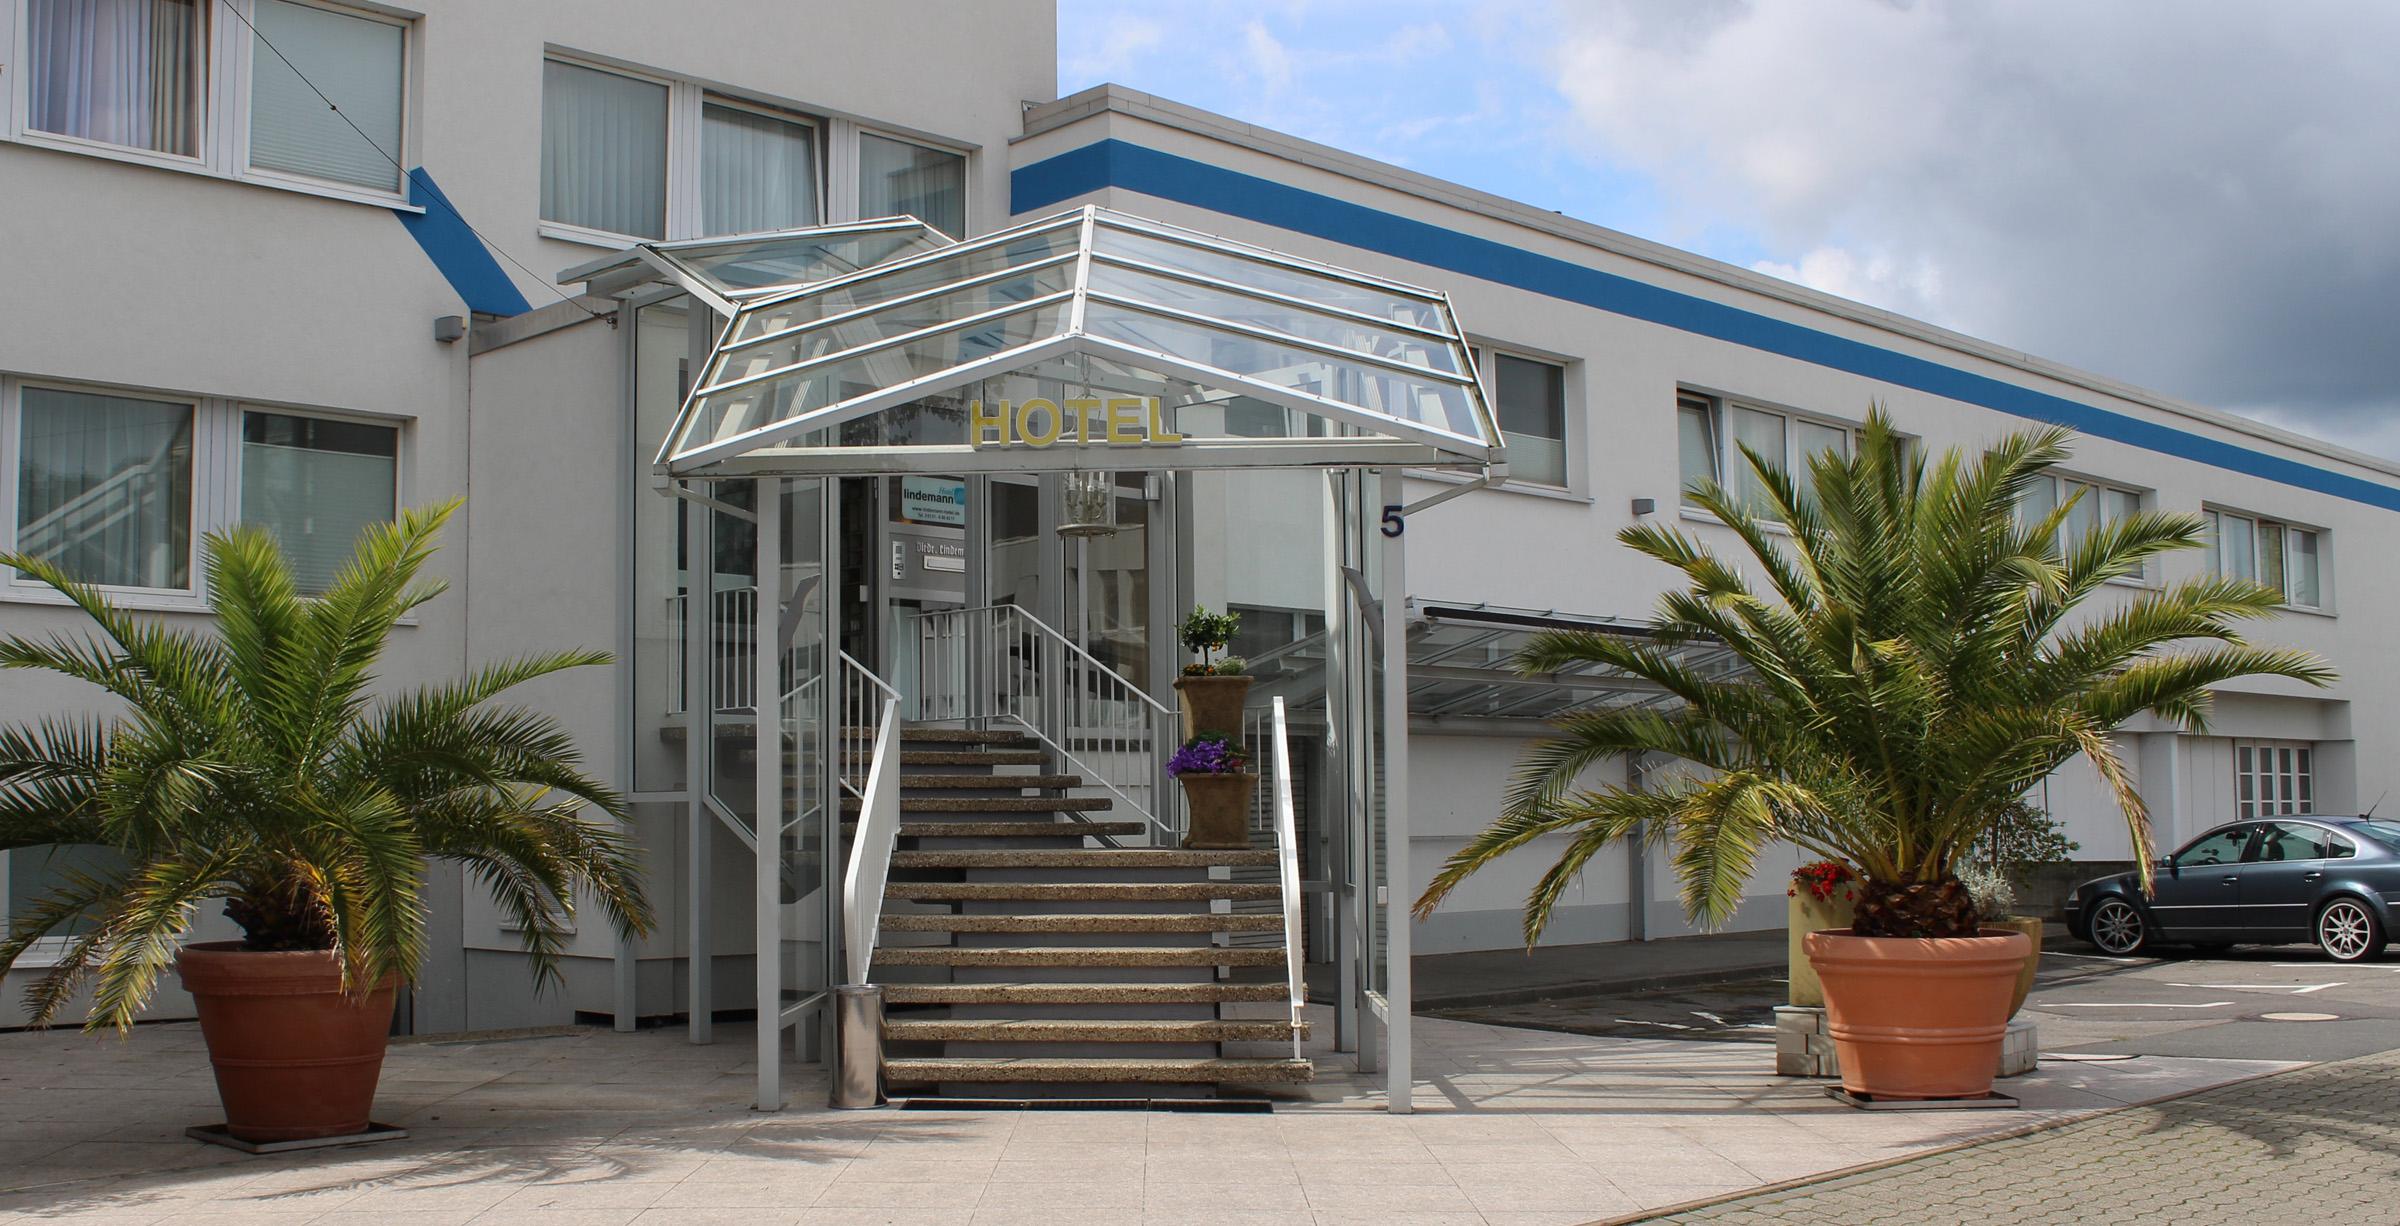 Lindemann Hotel Eingangsbereich